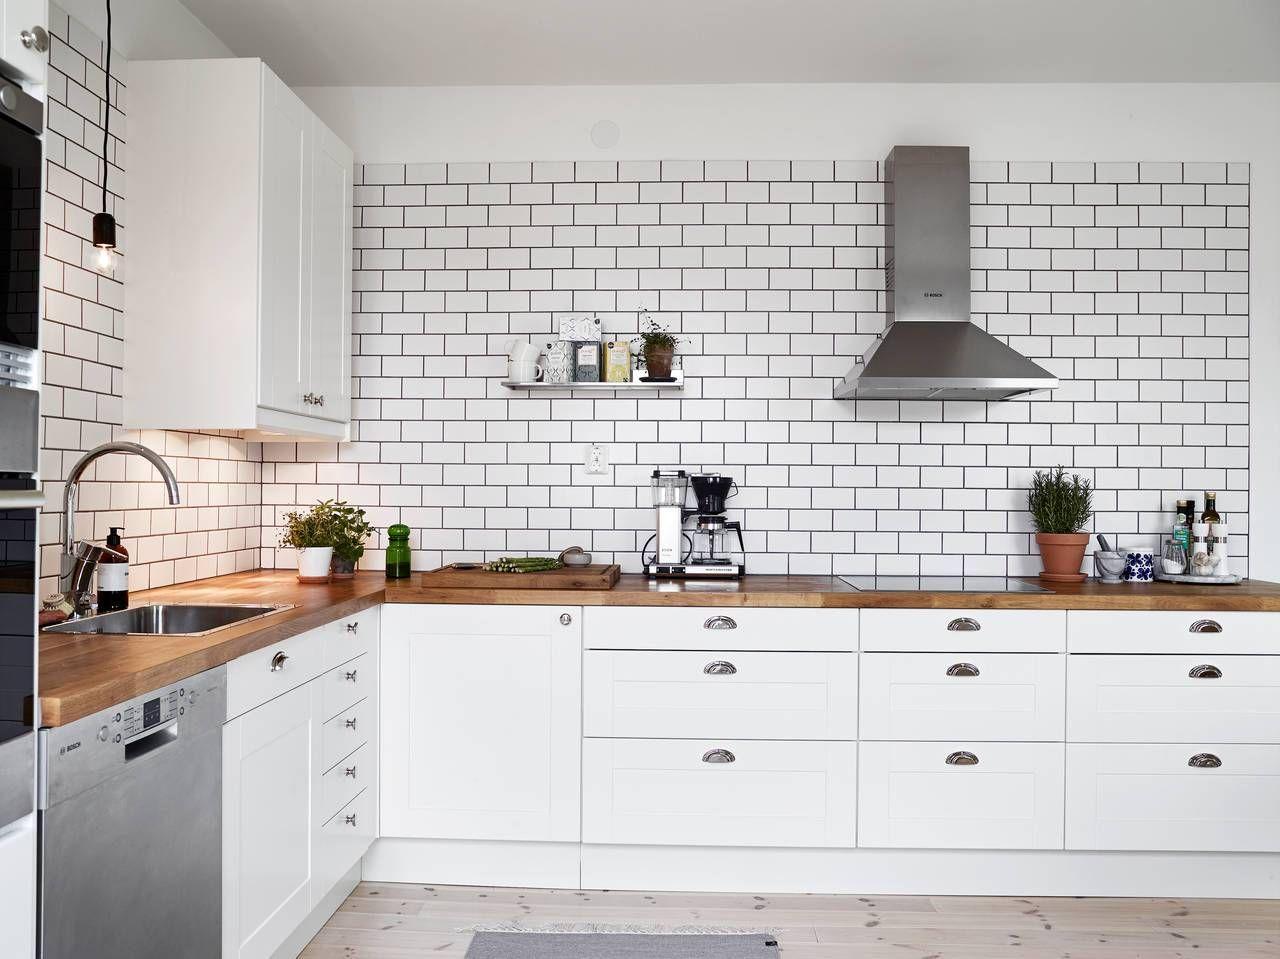 Charmant #Küche Innenräume 11 Küche Backsplash Ideen, Die Sie Beachten Sollten #home  #decoration #decor #garten #house #neu #dekoration #art #dekor #Ideen  #besten#11 ...